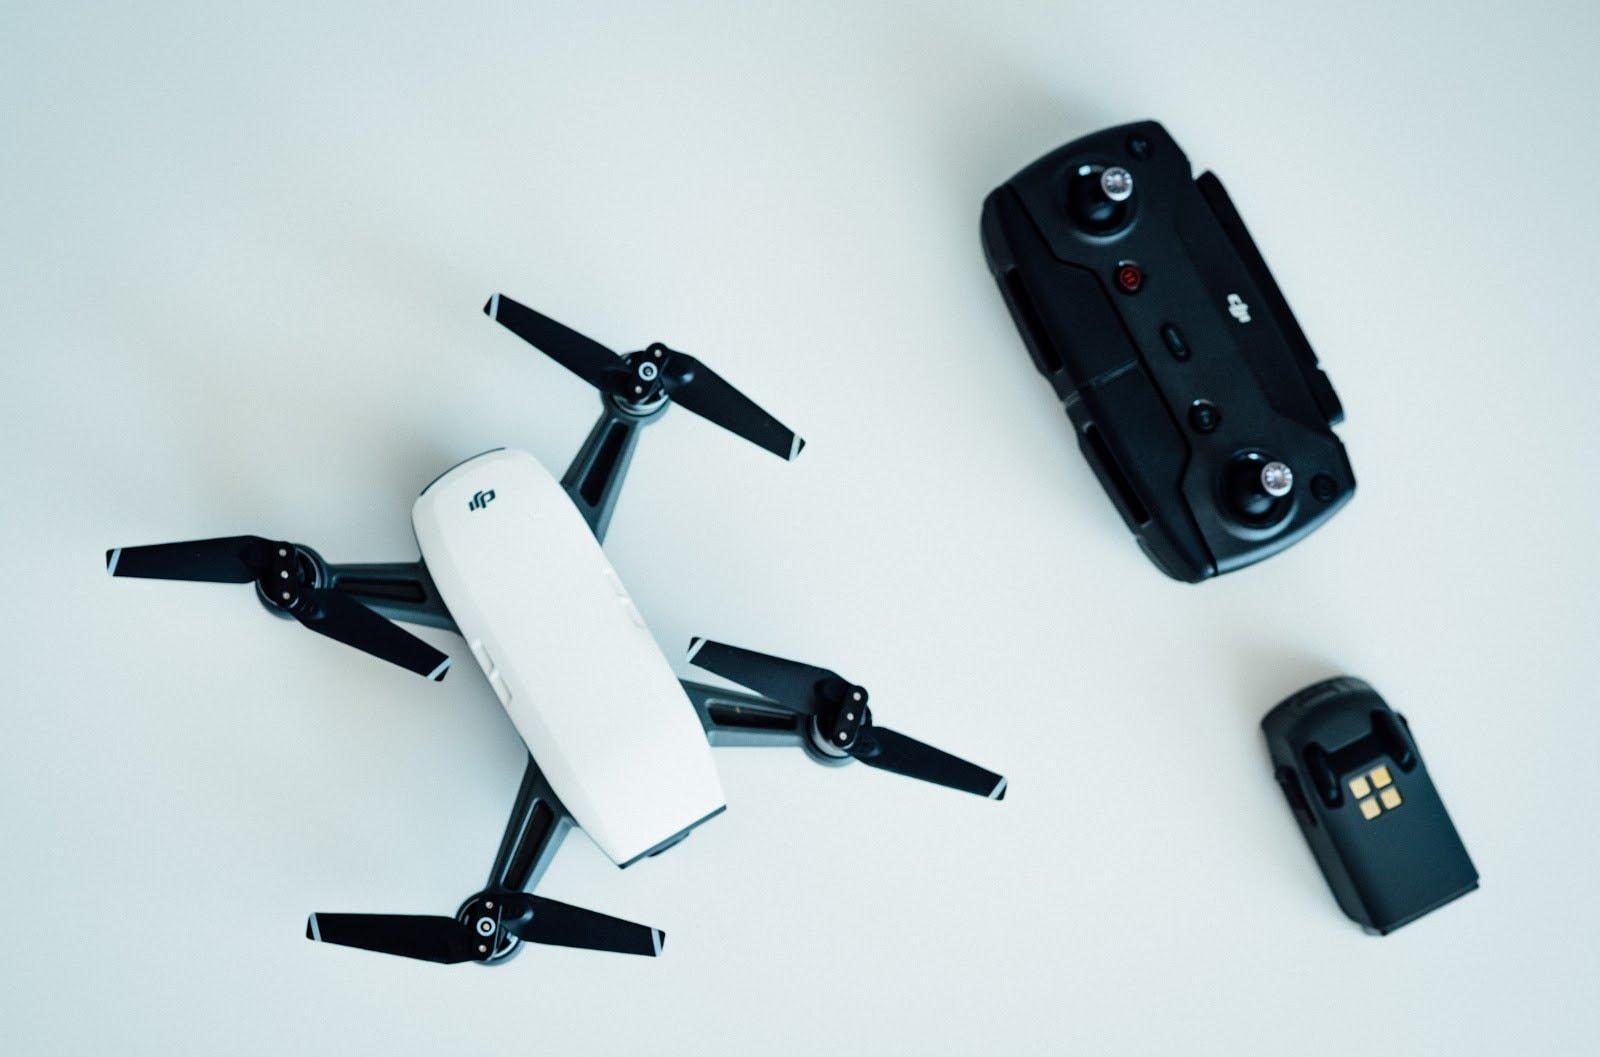 Baterías drones fotografía